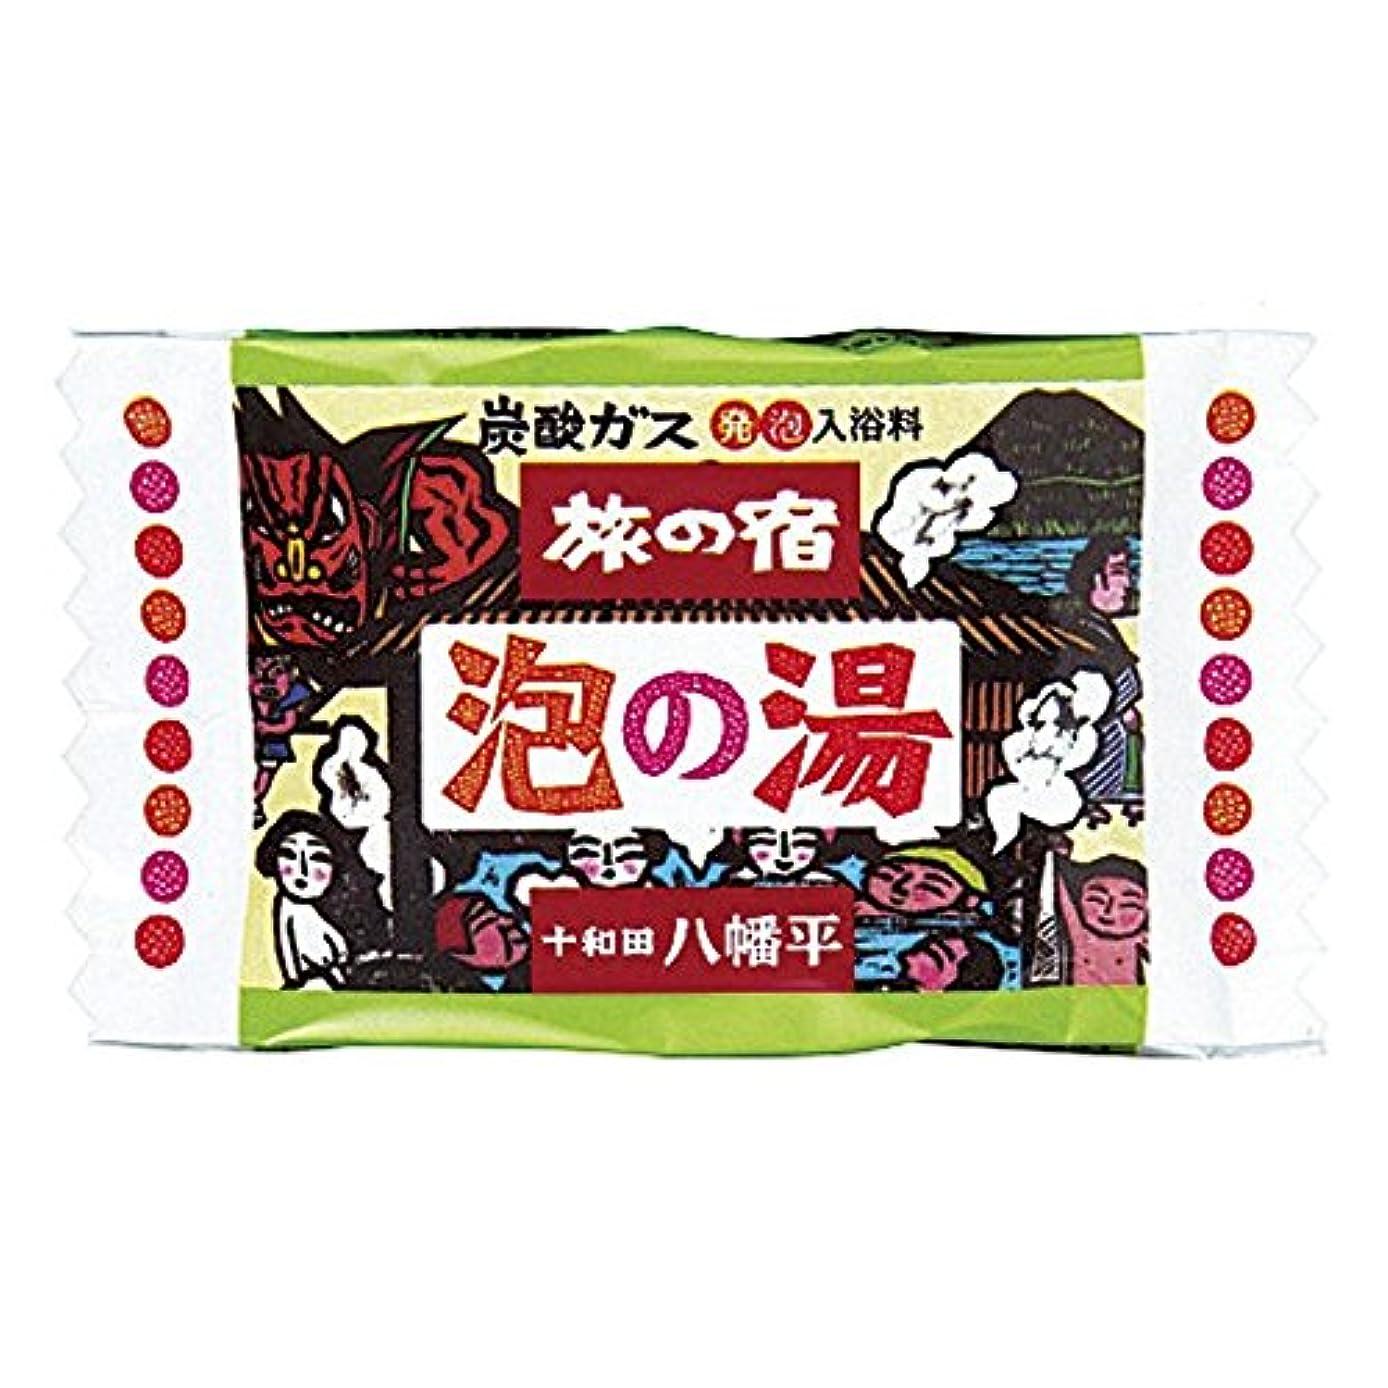 渇きみすぼらしい指クラシエ 旅の宿 (泡)1P 十和田八幡平 82439 (B529-05)